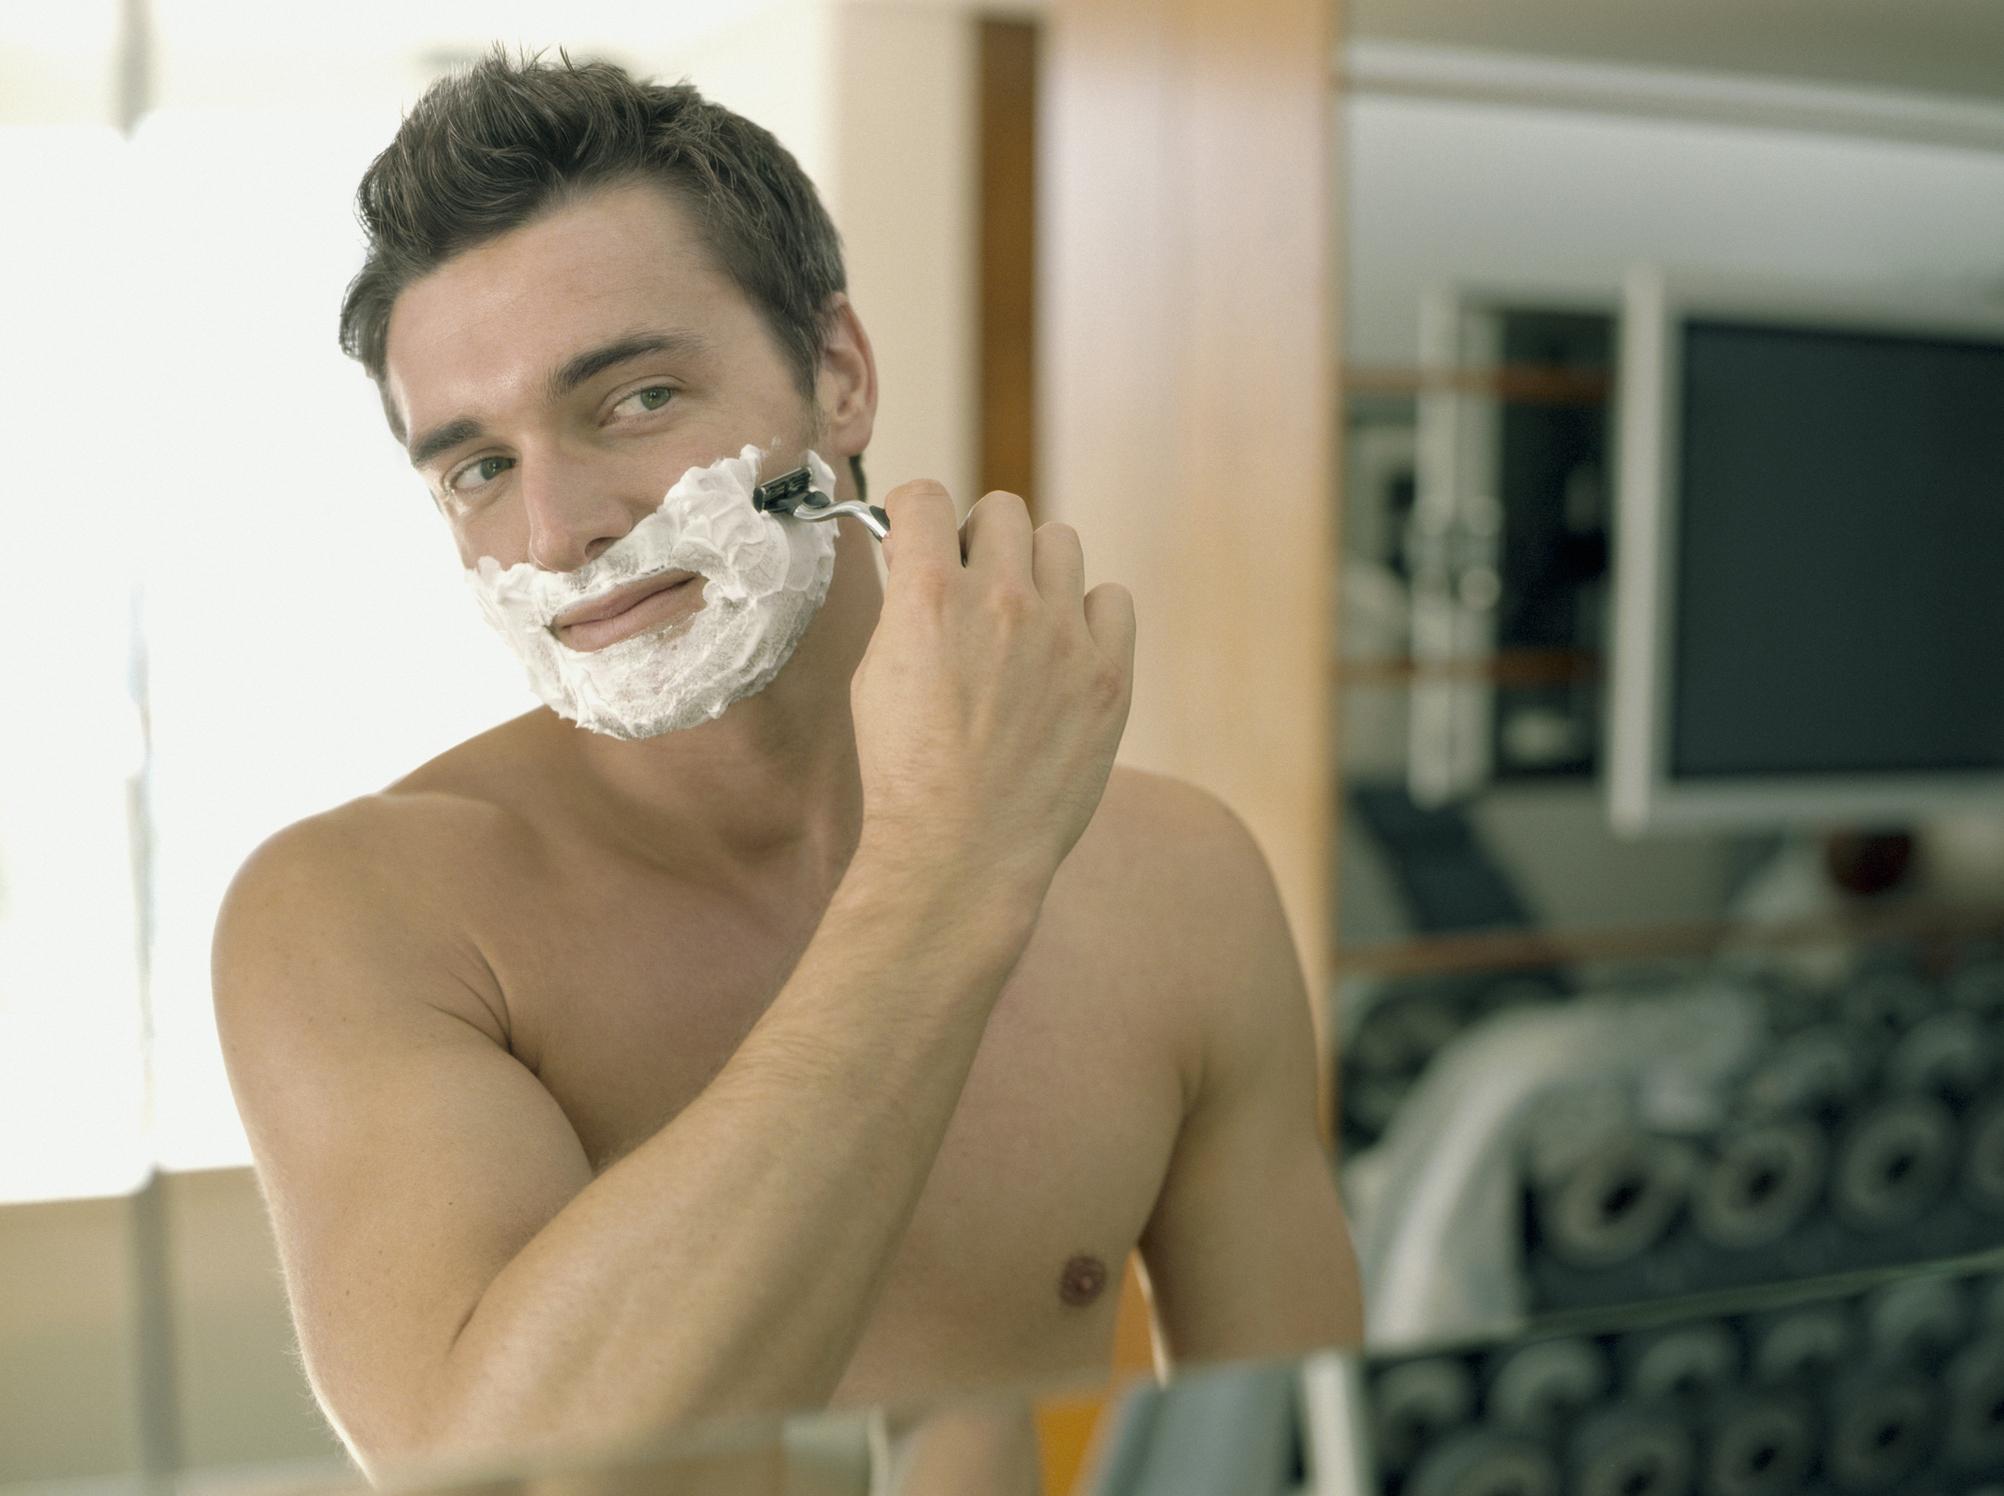 A man shaving.